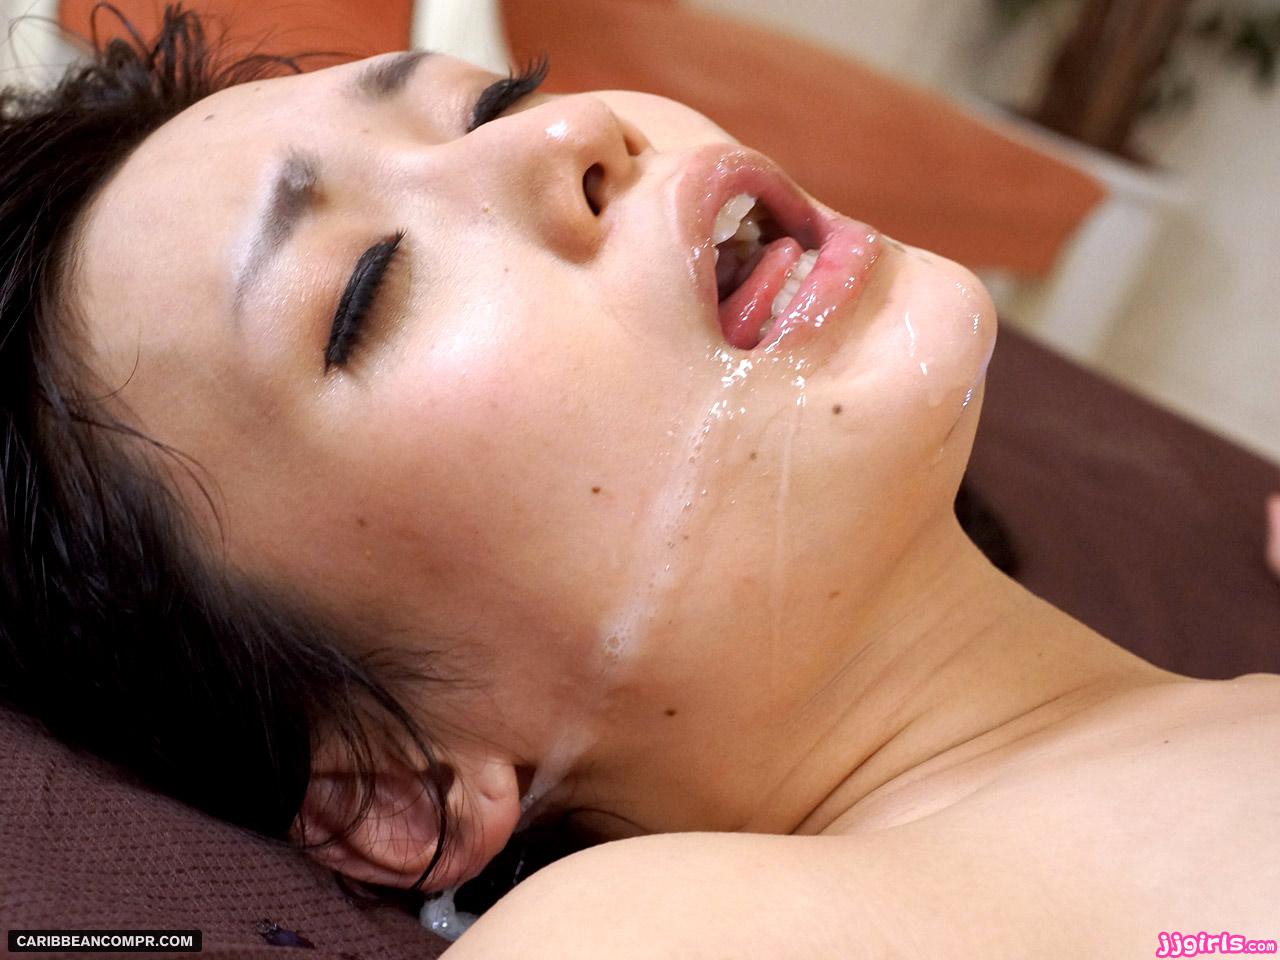 Японочка пьет сперму, Порно видео онлайн: СпермаЯпонки 19 фотография